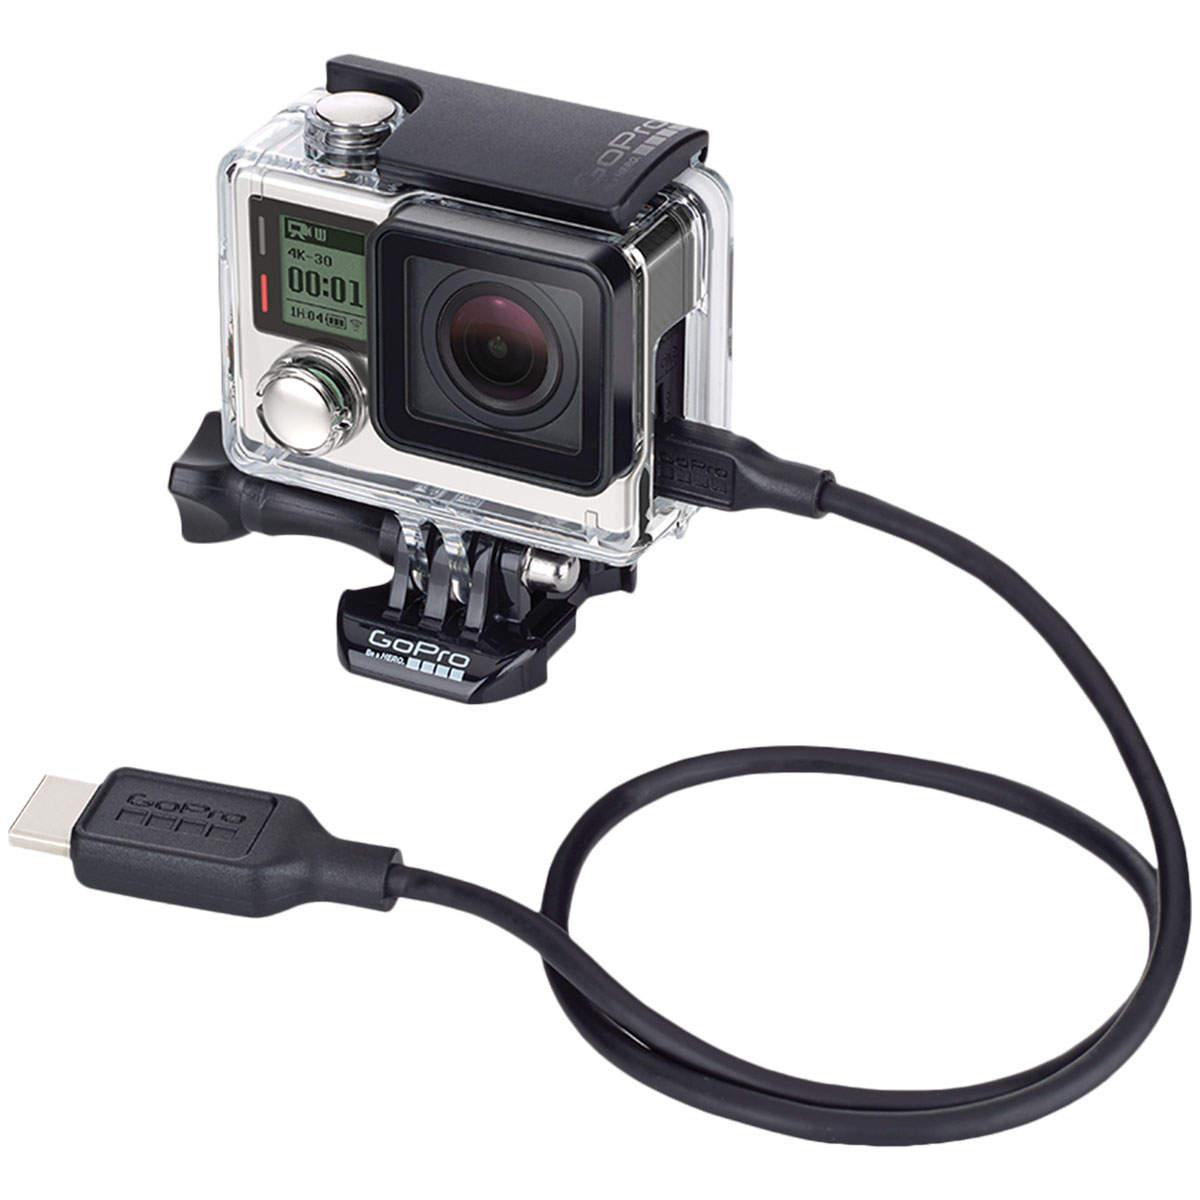 Acessórios para Câmeras GoPro c/até 15% de desconto na Centauro